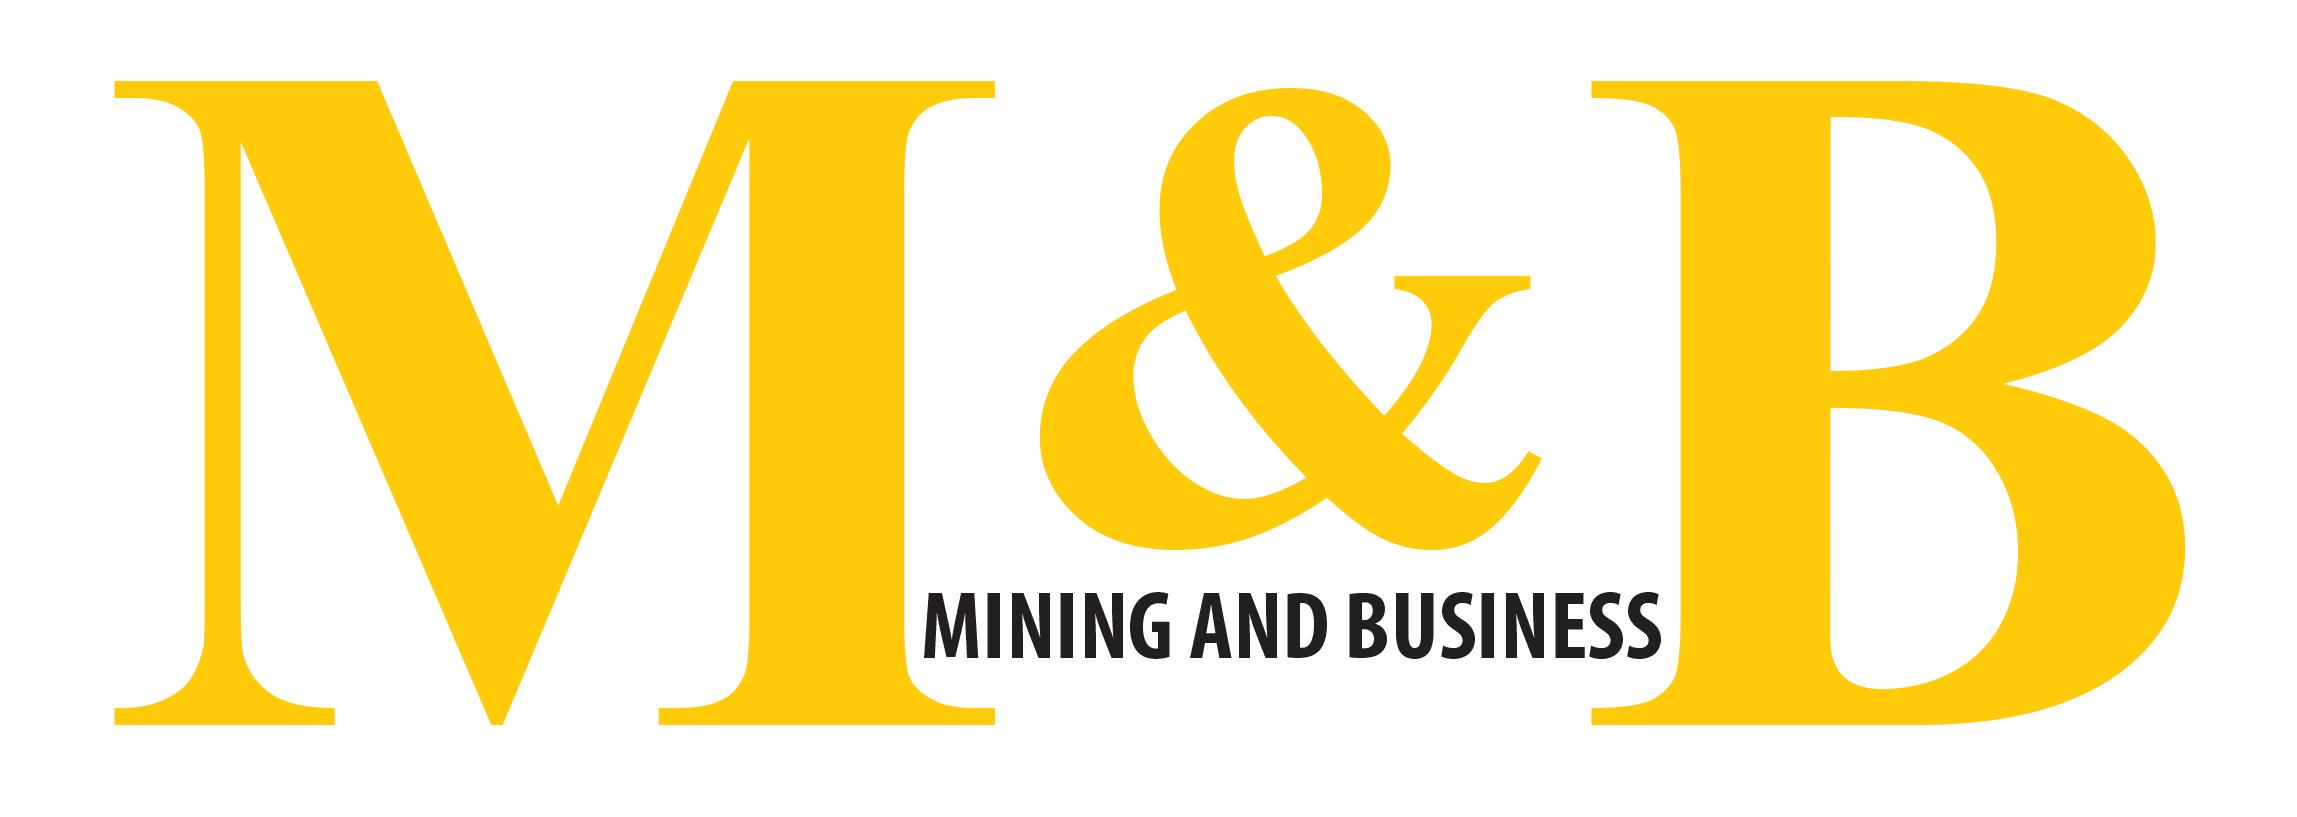 Magazine d'actualité économique en Afrique | Mining and Business